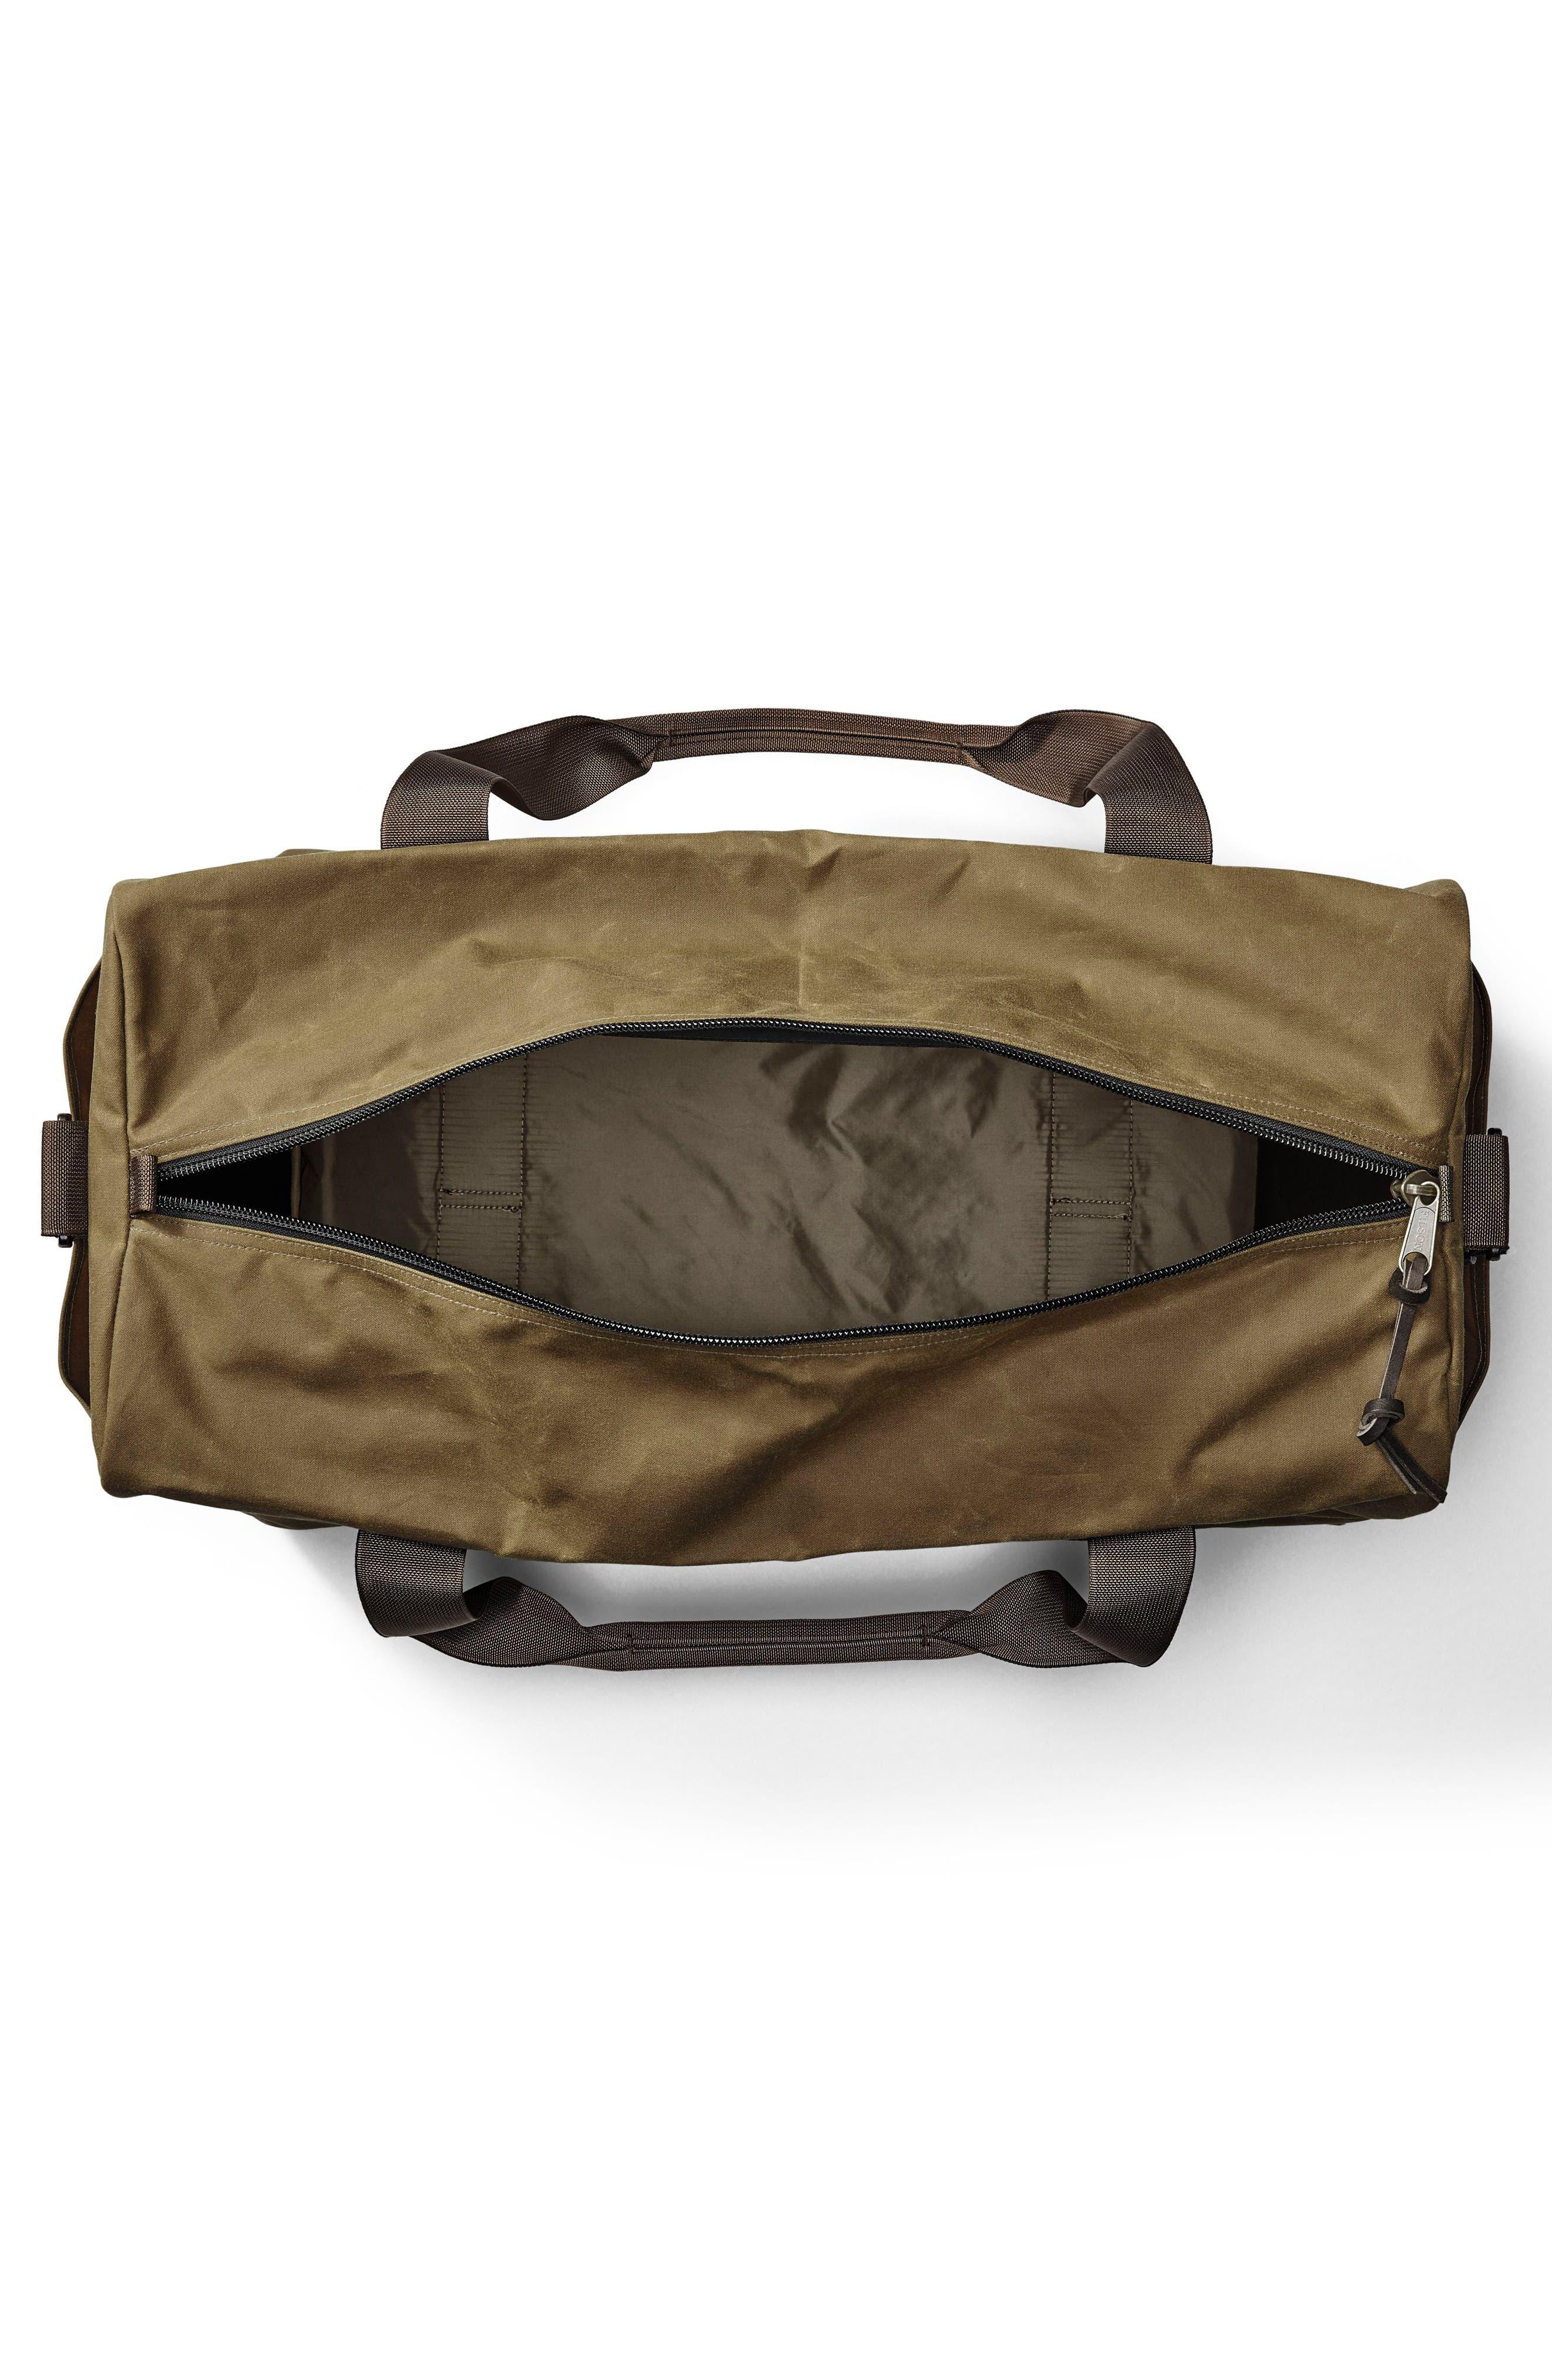 Medium Field Duffel Bag,                             Alternate thumbnail 2, color,                             DARK TAN